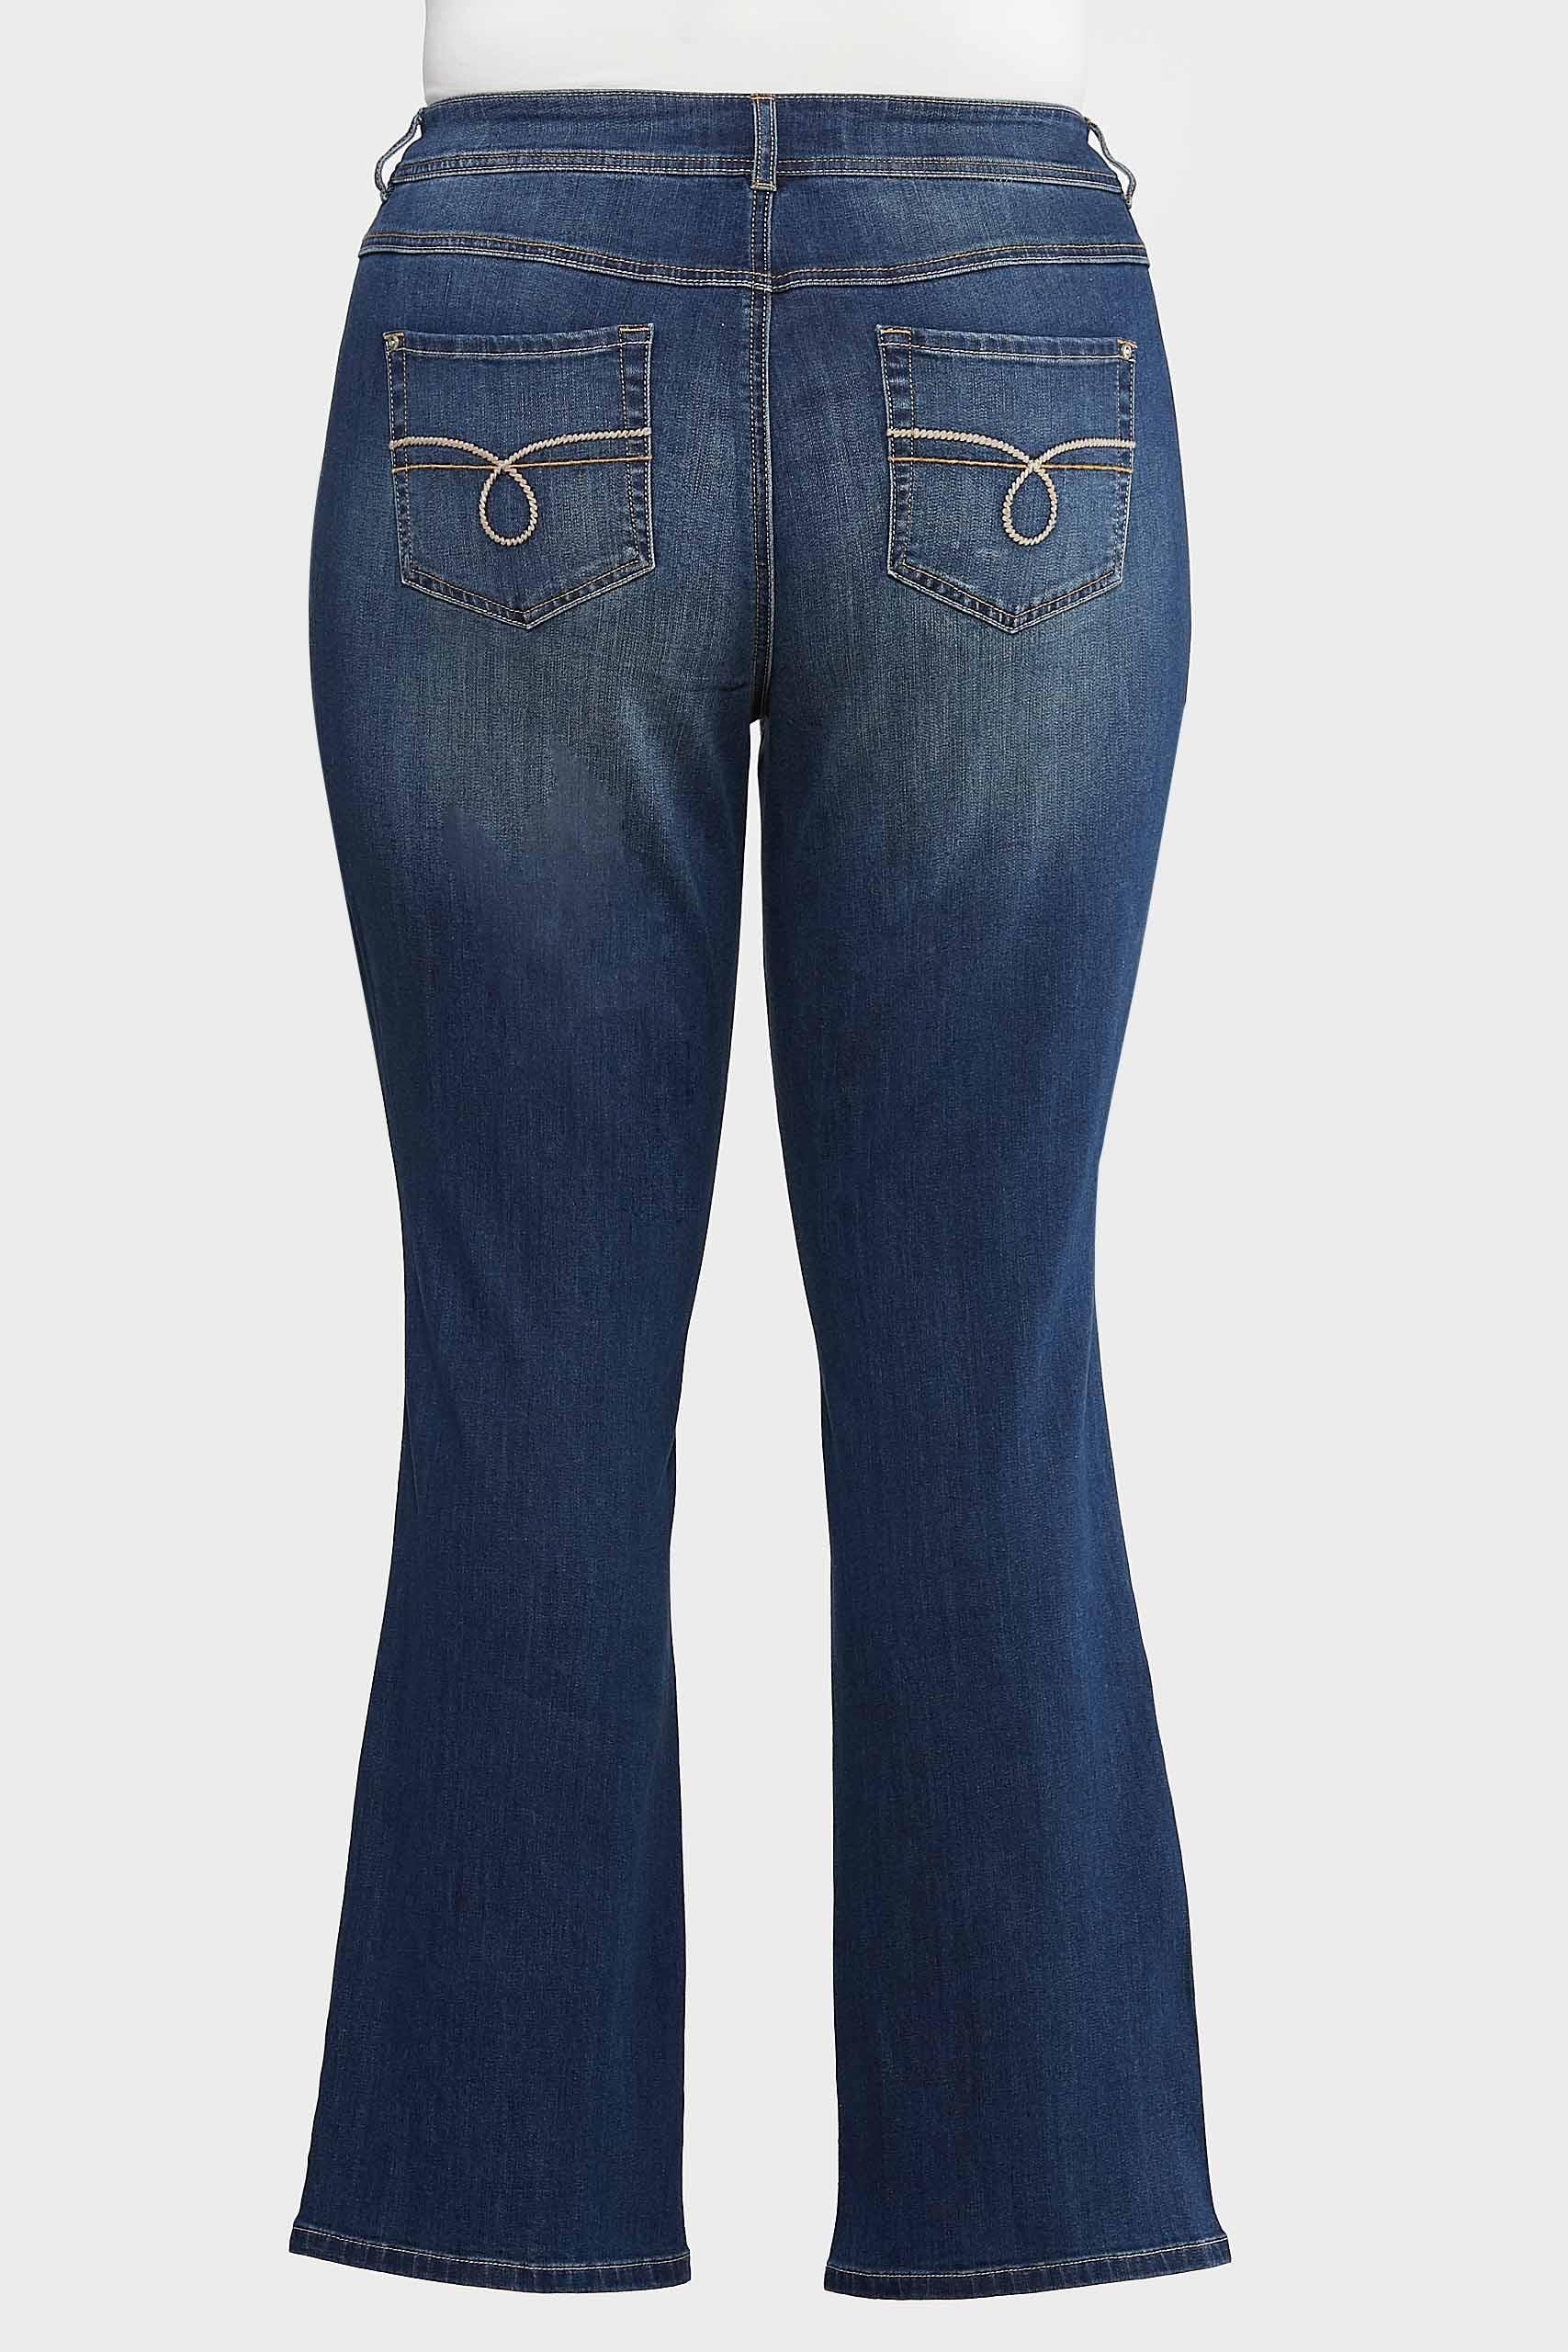 Plus Size Bootcut Jeans (Item #43993103)